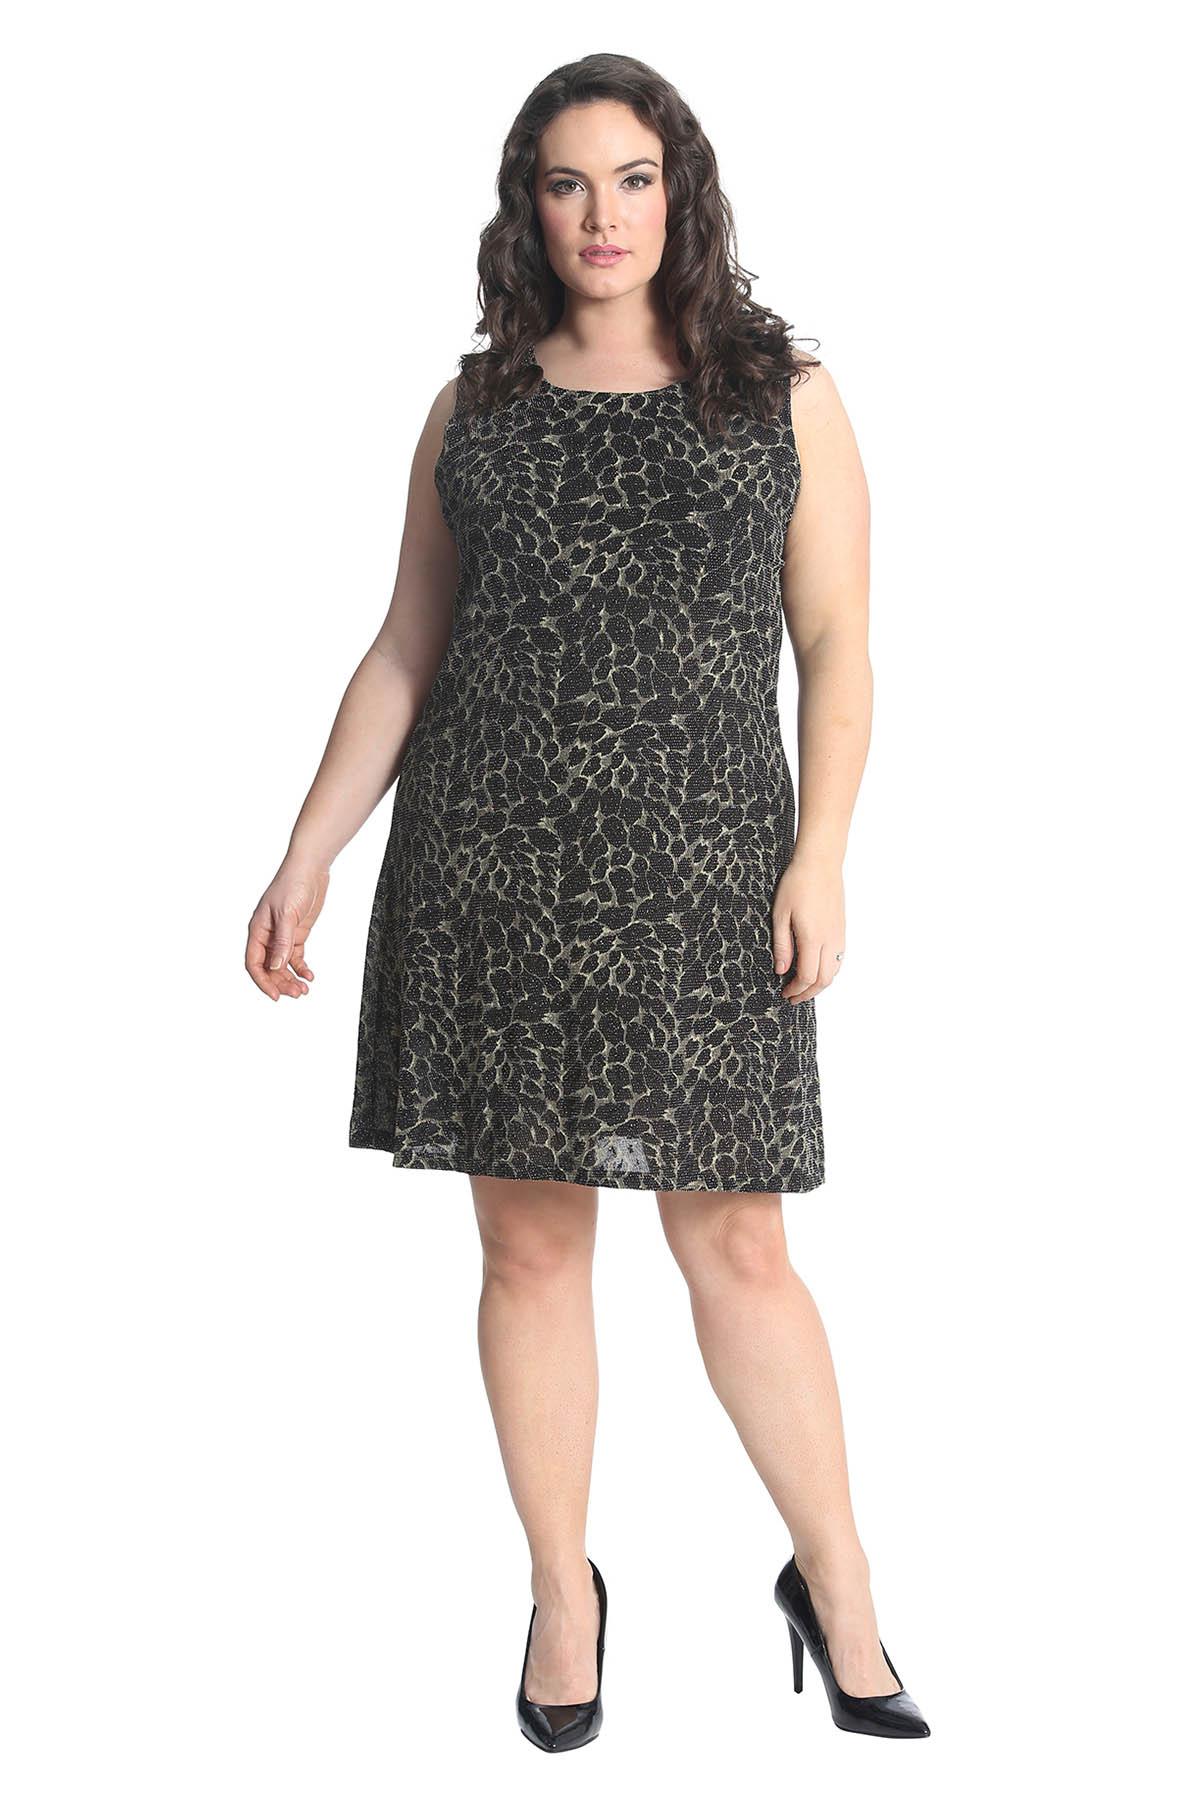 New Ladies Plus Size Dress Womens Floral Glitter Print ...